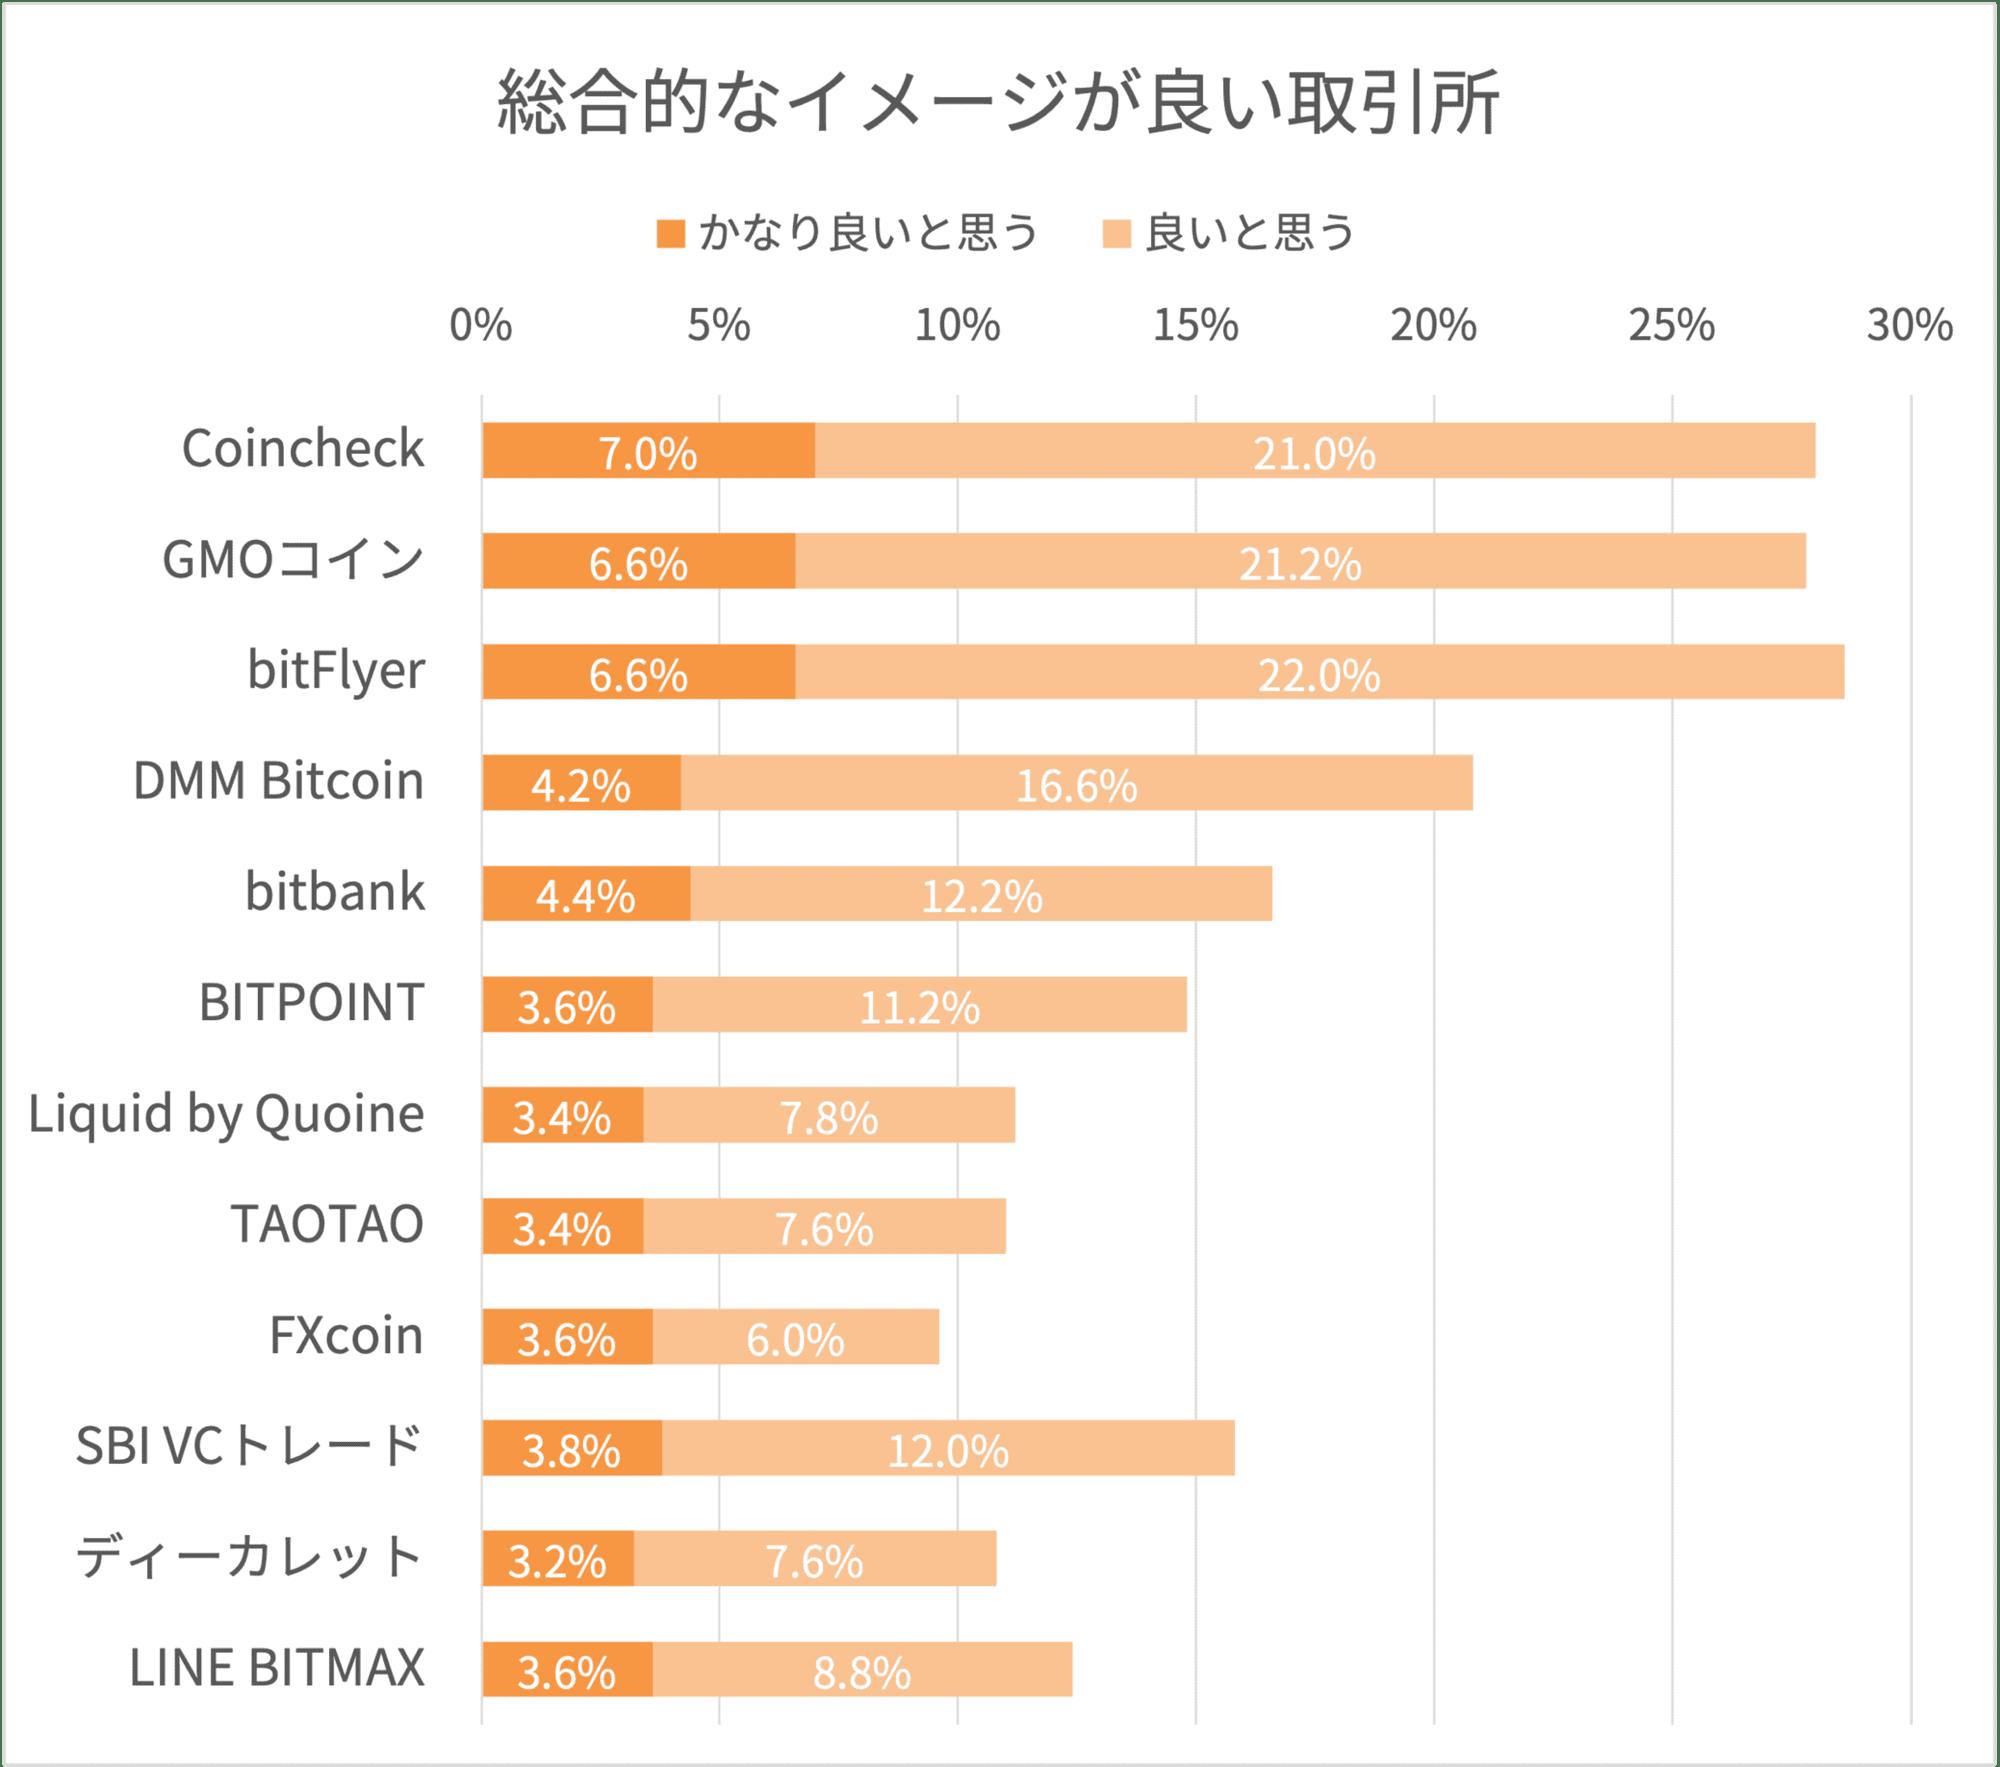 暗号資産取引所の総合的なイメージ調査結果